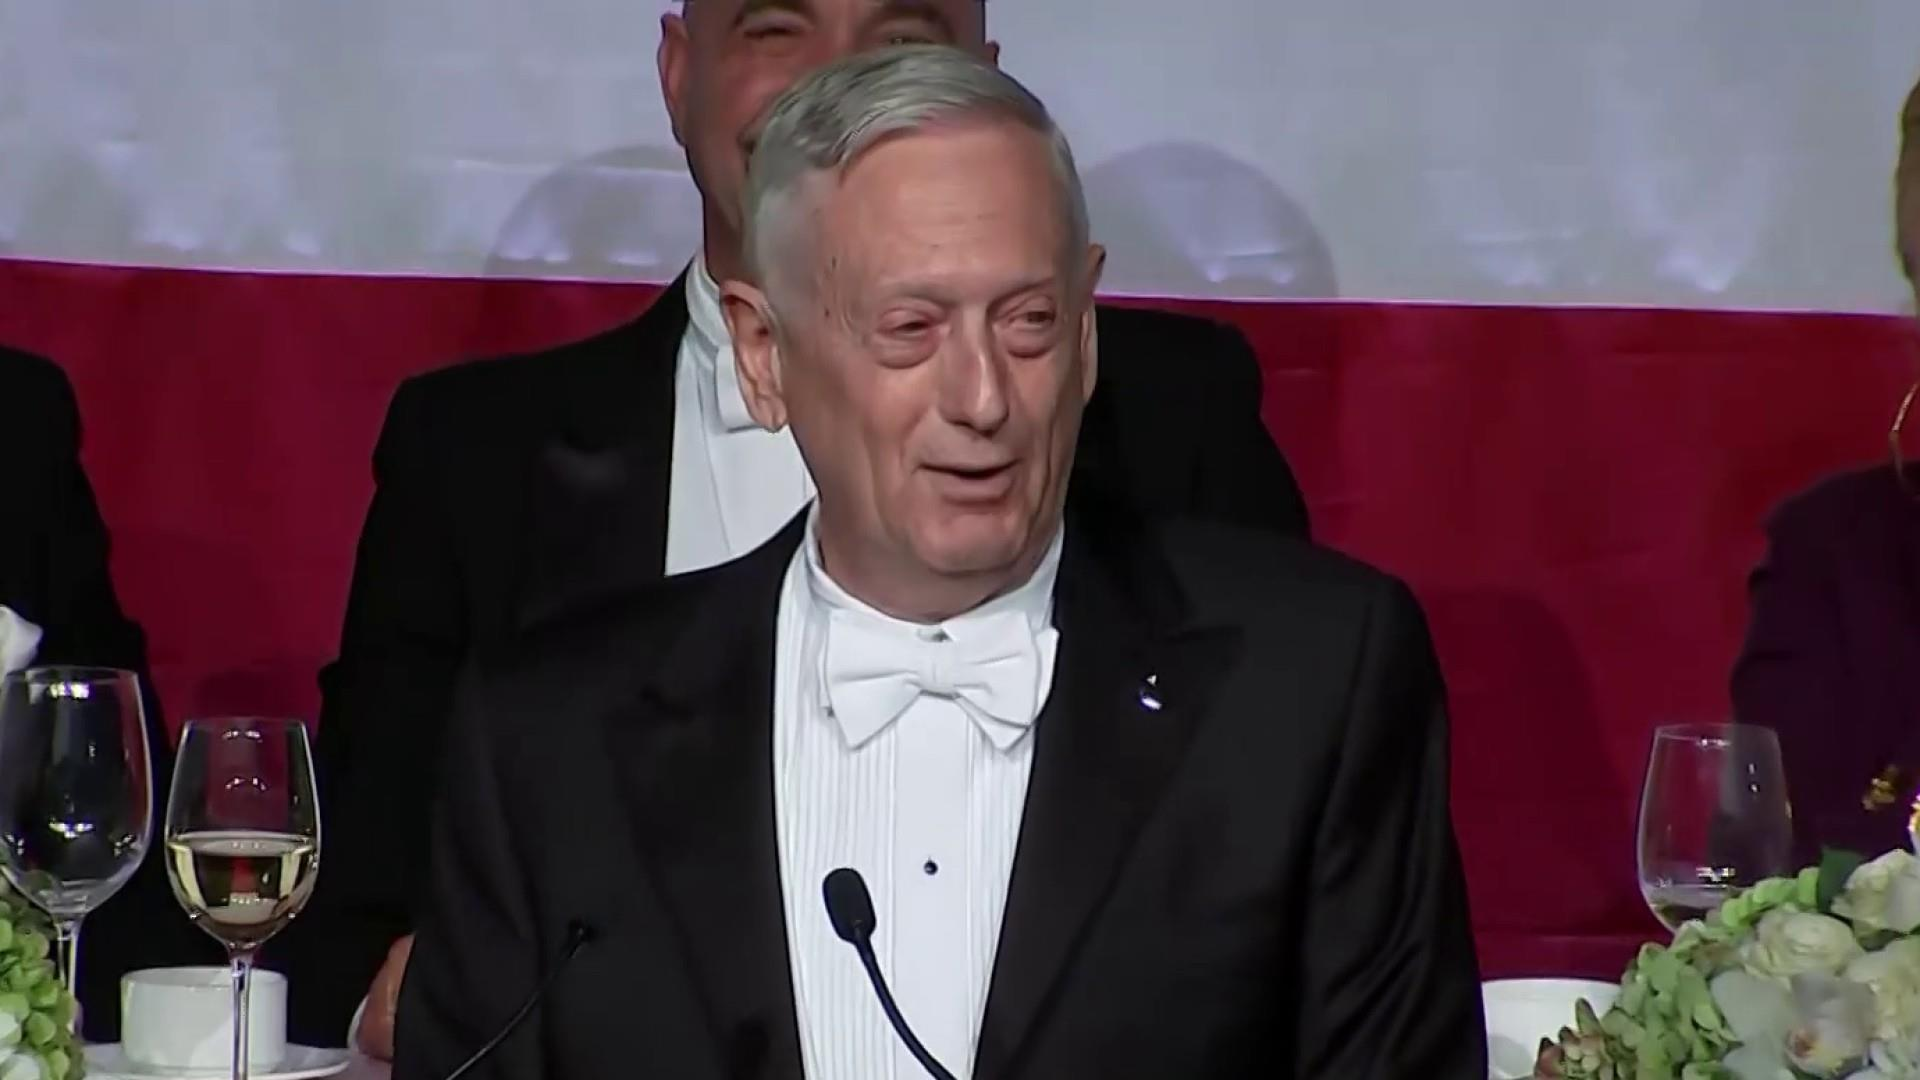 Former top military officials Mattis and McRaven criticize Trump